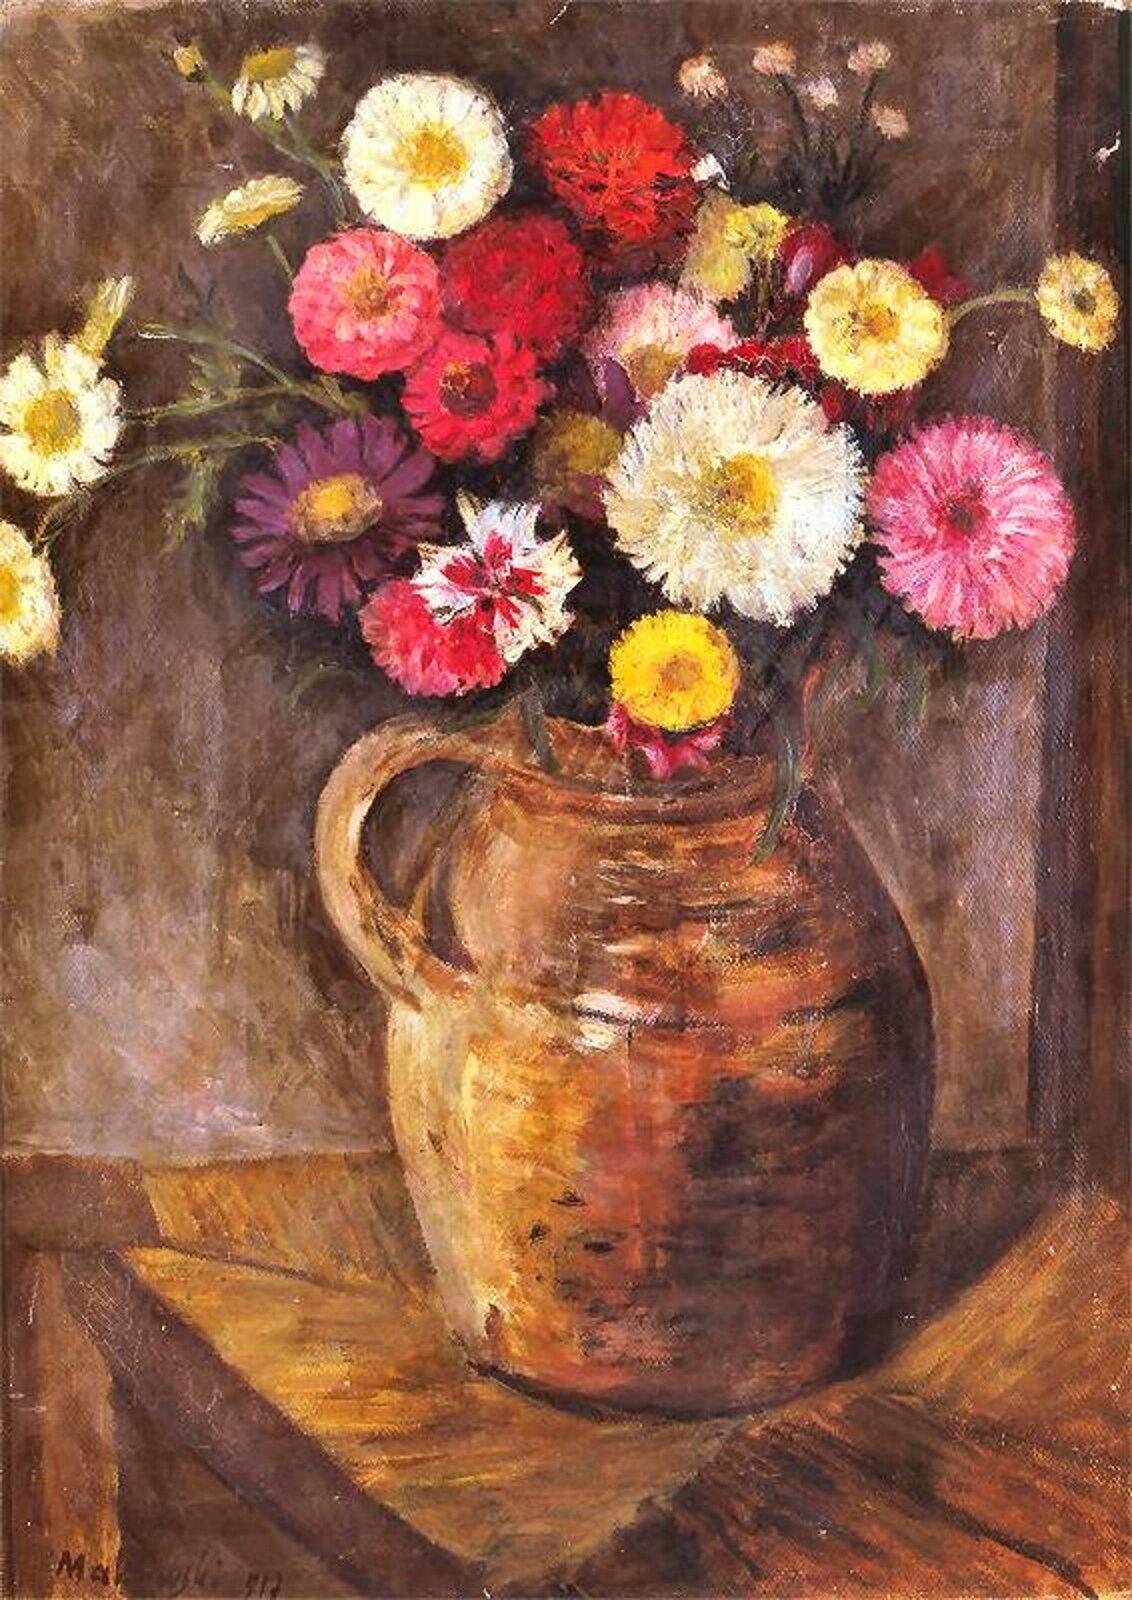 """Ilustracja przedstawia obraz pt. """"Astry icynie wglinianym dzbanku"""" autorstwa Tadeusza Makowskiego. Obraz ukazuje kolorowe kwiaty (astry, cynie) wglinianym dzbanie. Naczynie znajduje się na stole."""